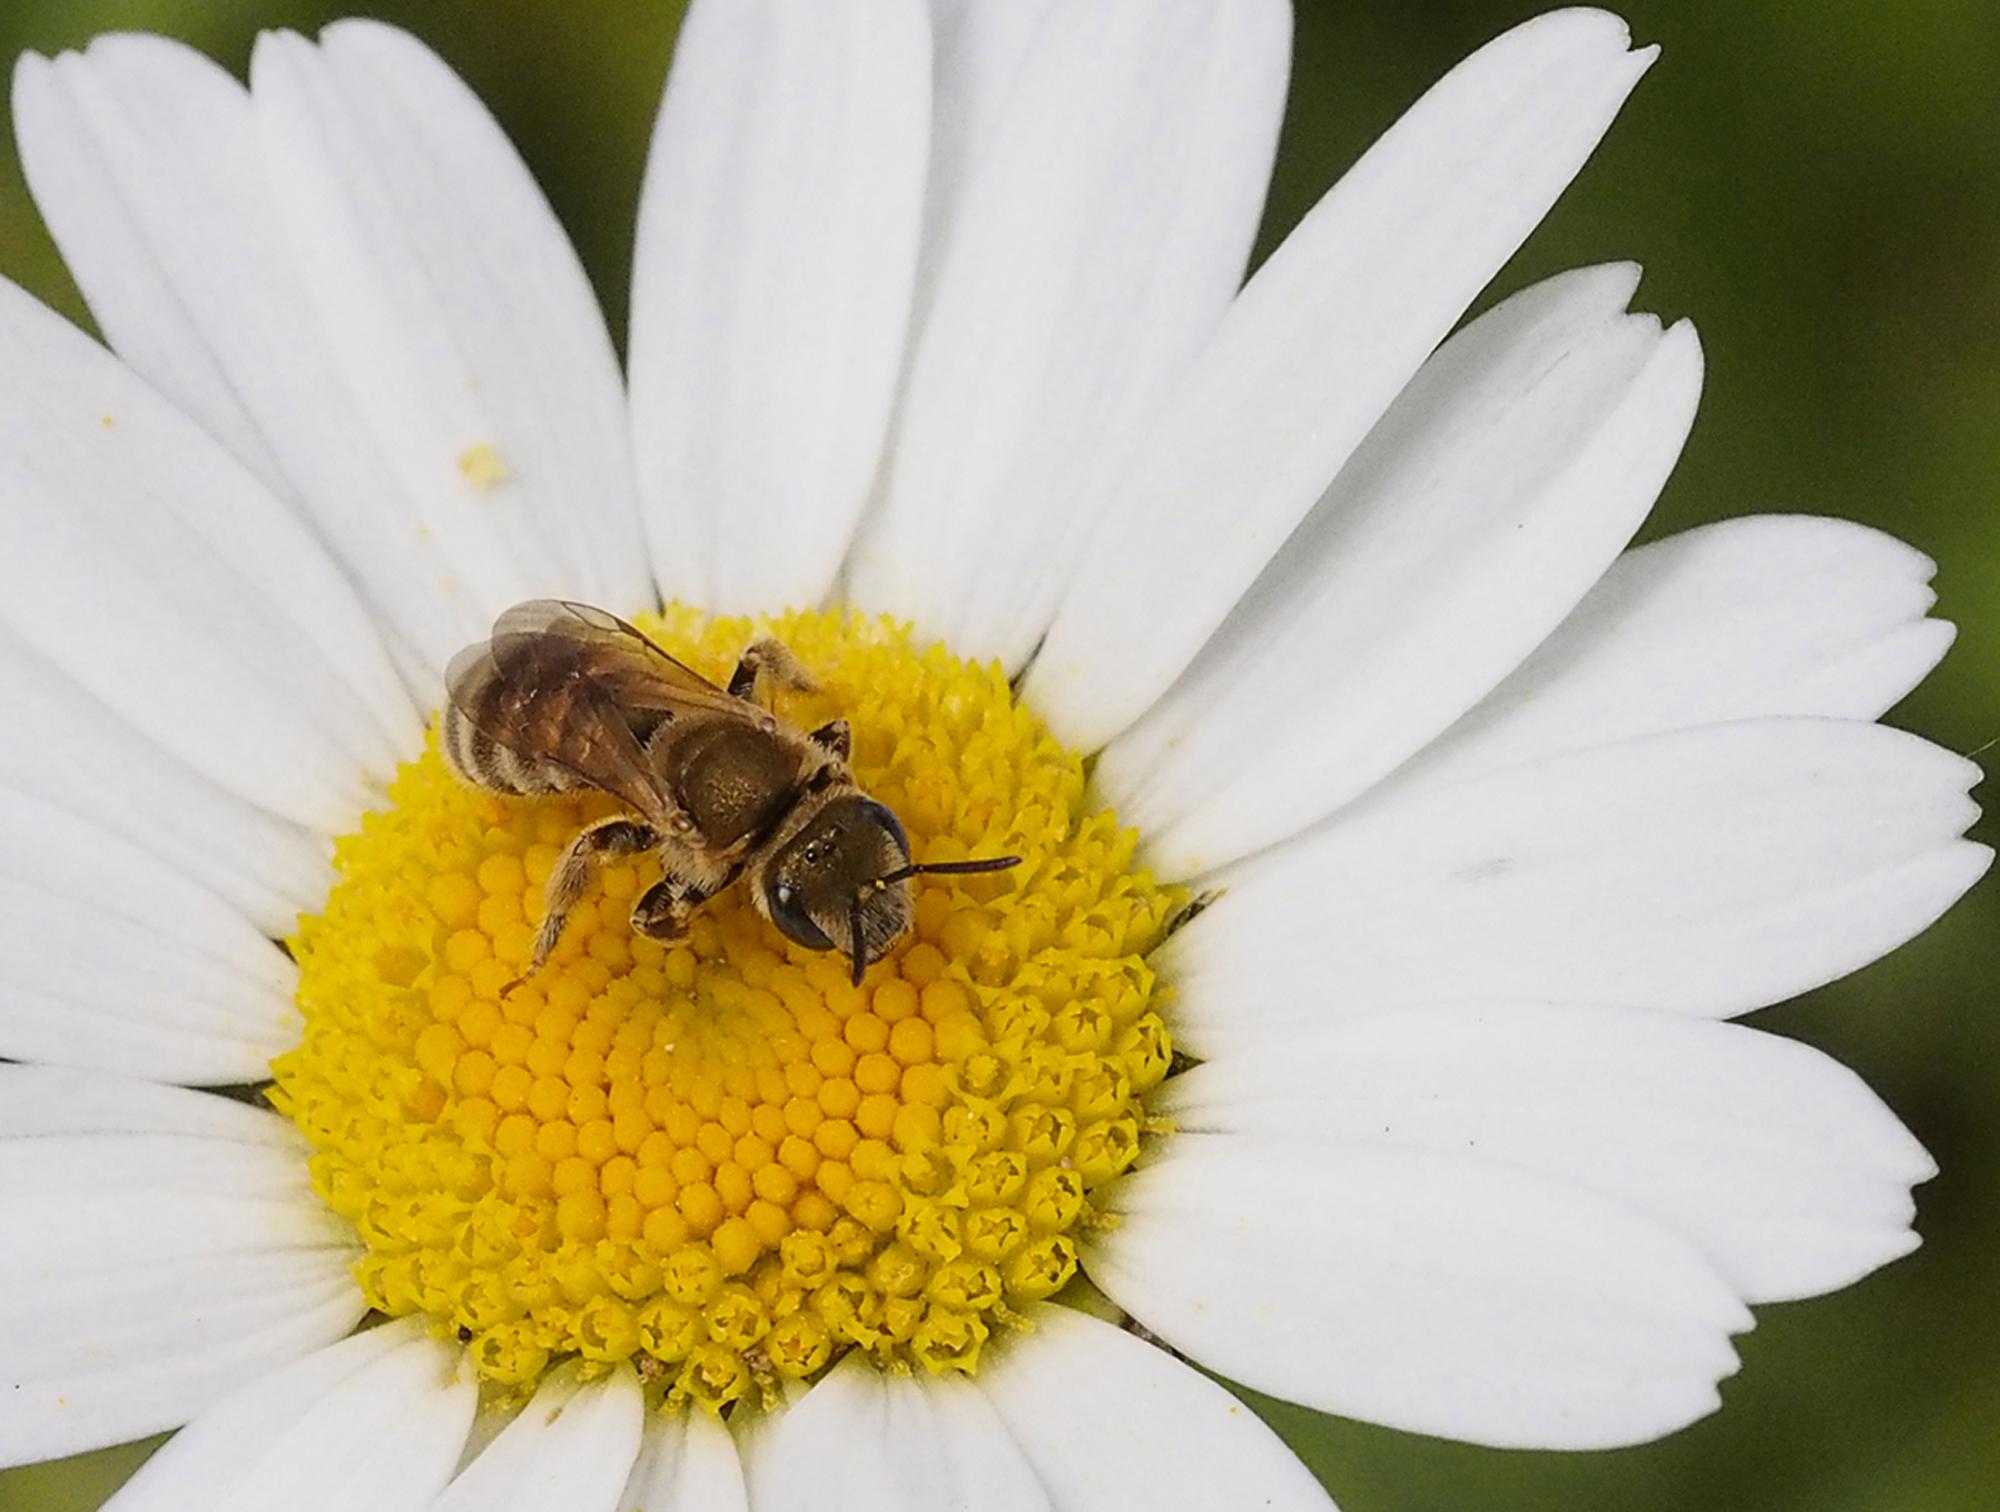 Furchenbiene, Halictus subauratus, im Garten, CC-BY-SA-4.0, Rolf Pflugshaupt, Gümligen. Switzerland